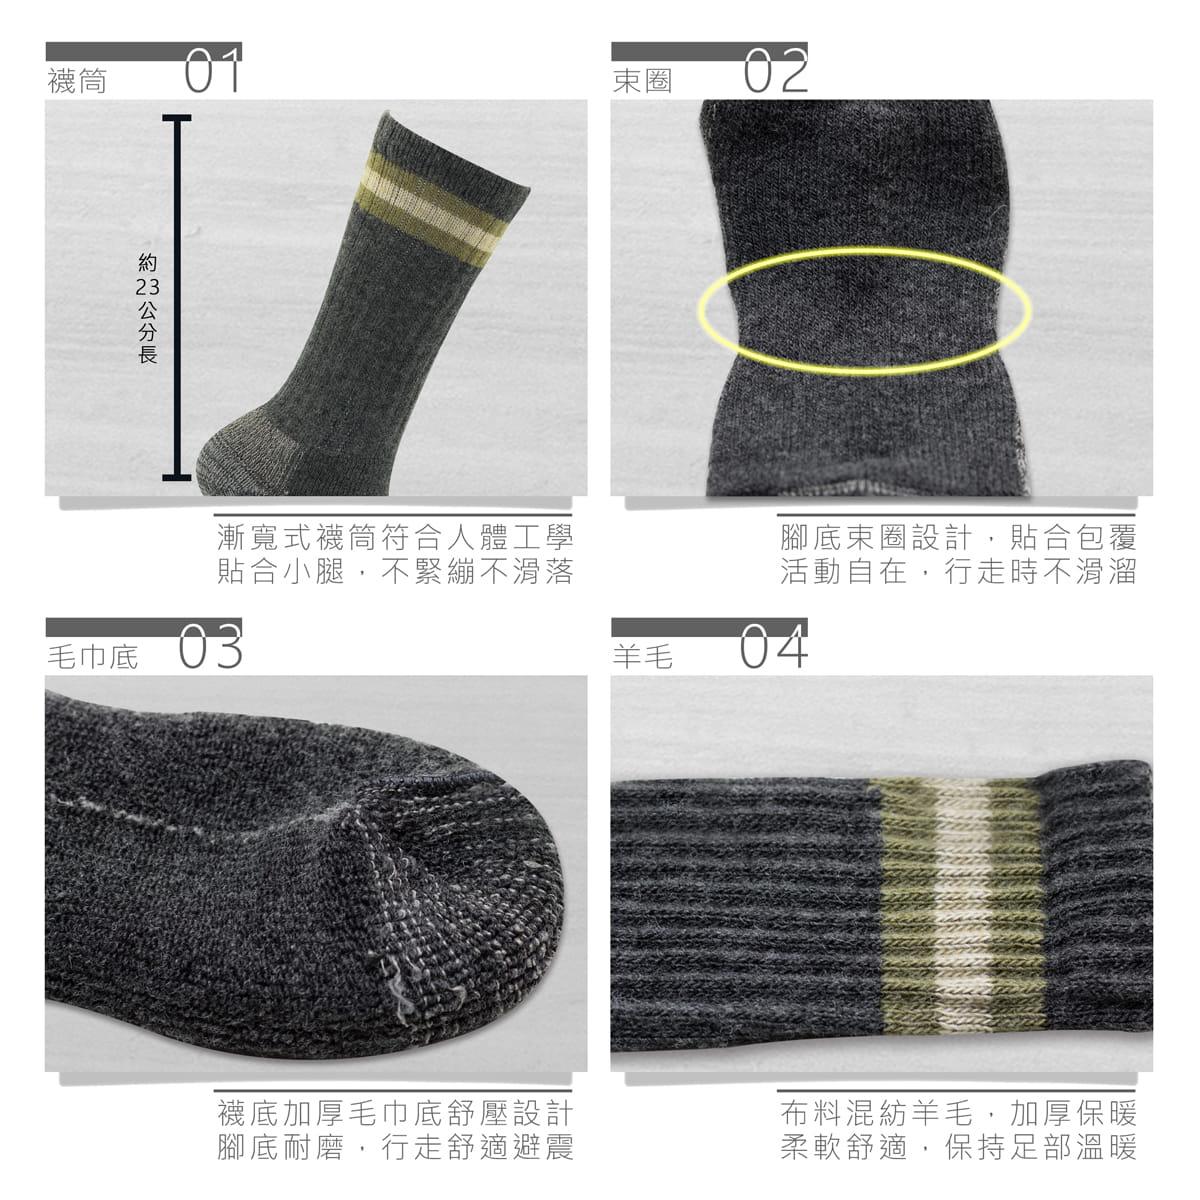 【Lin】戶外登山襪三雙組 10